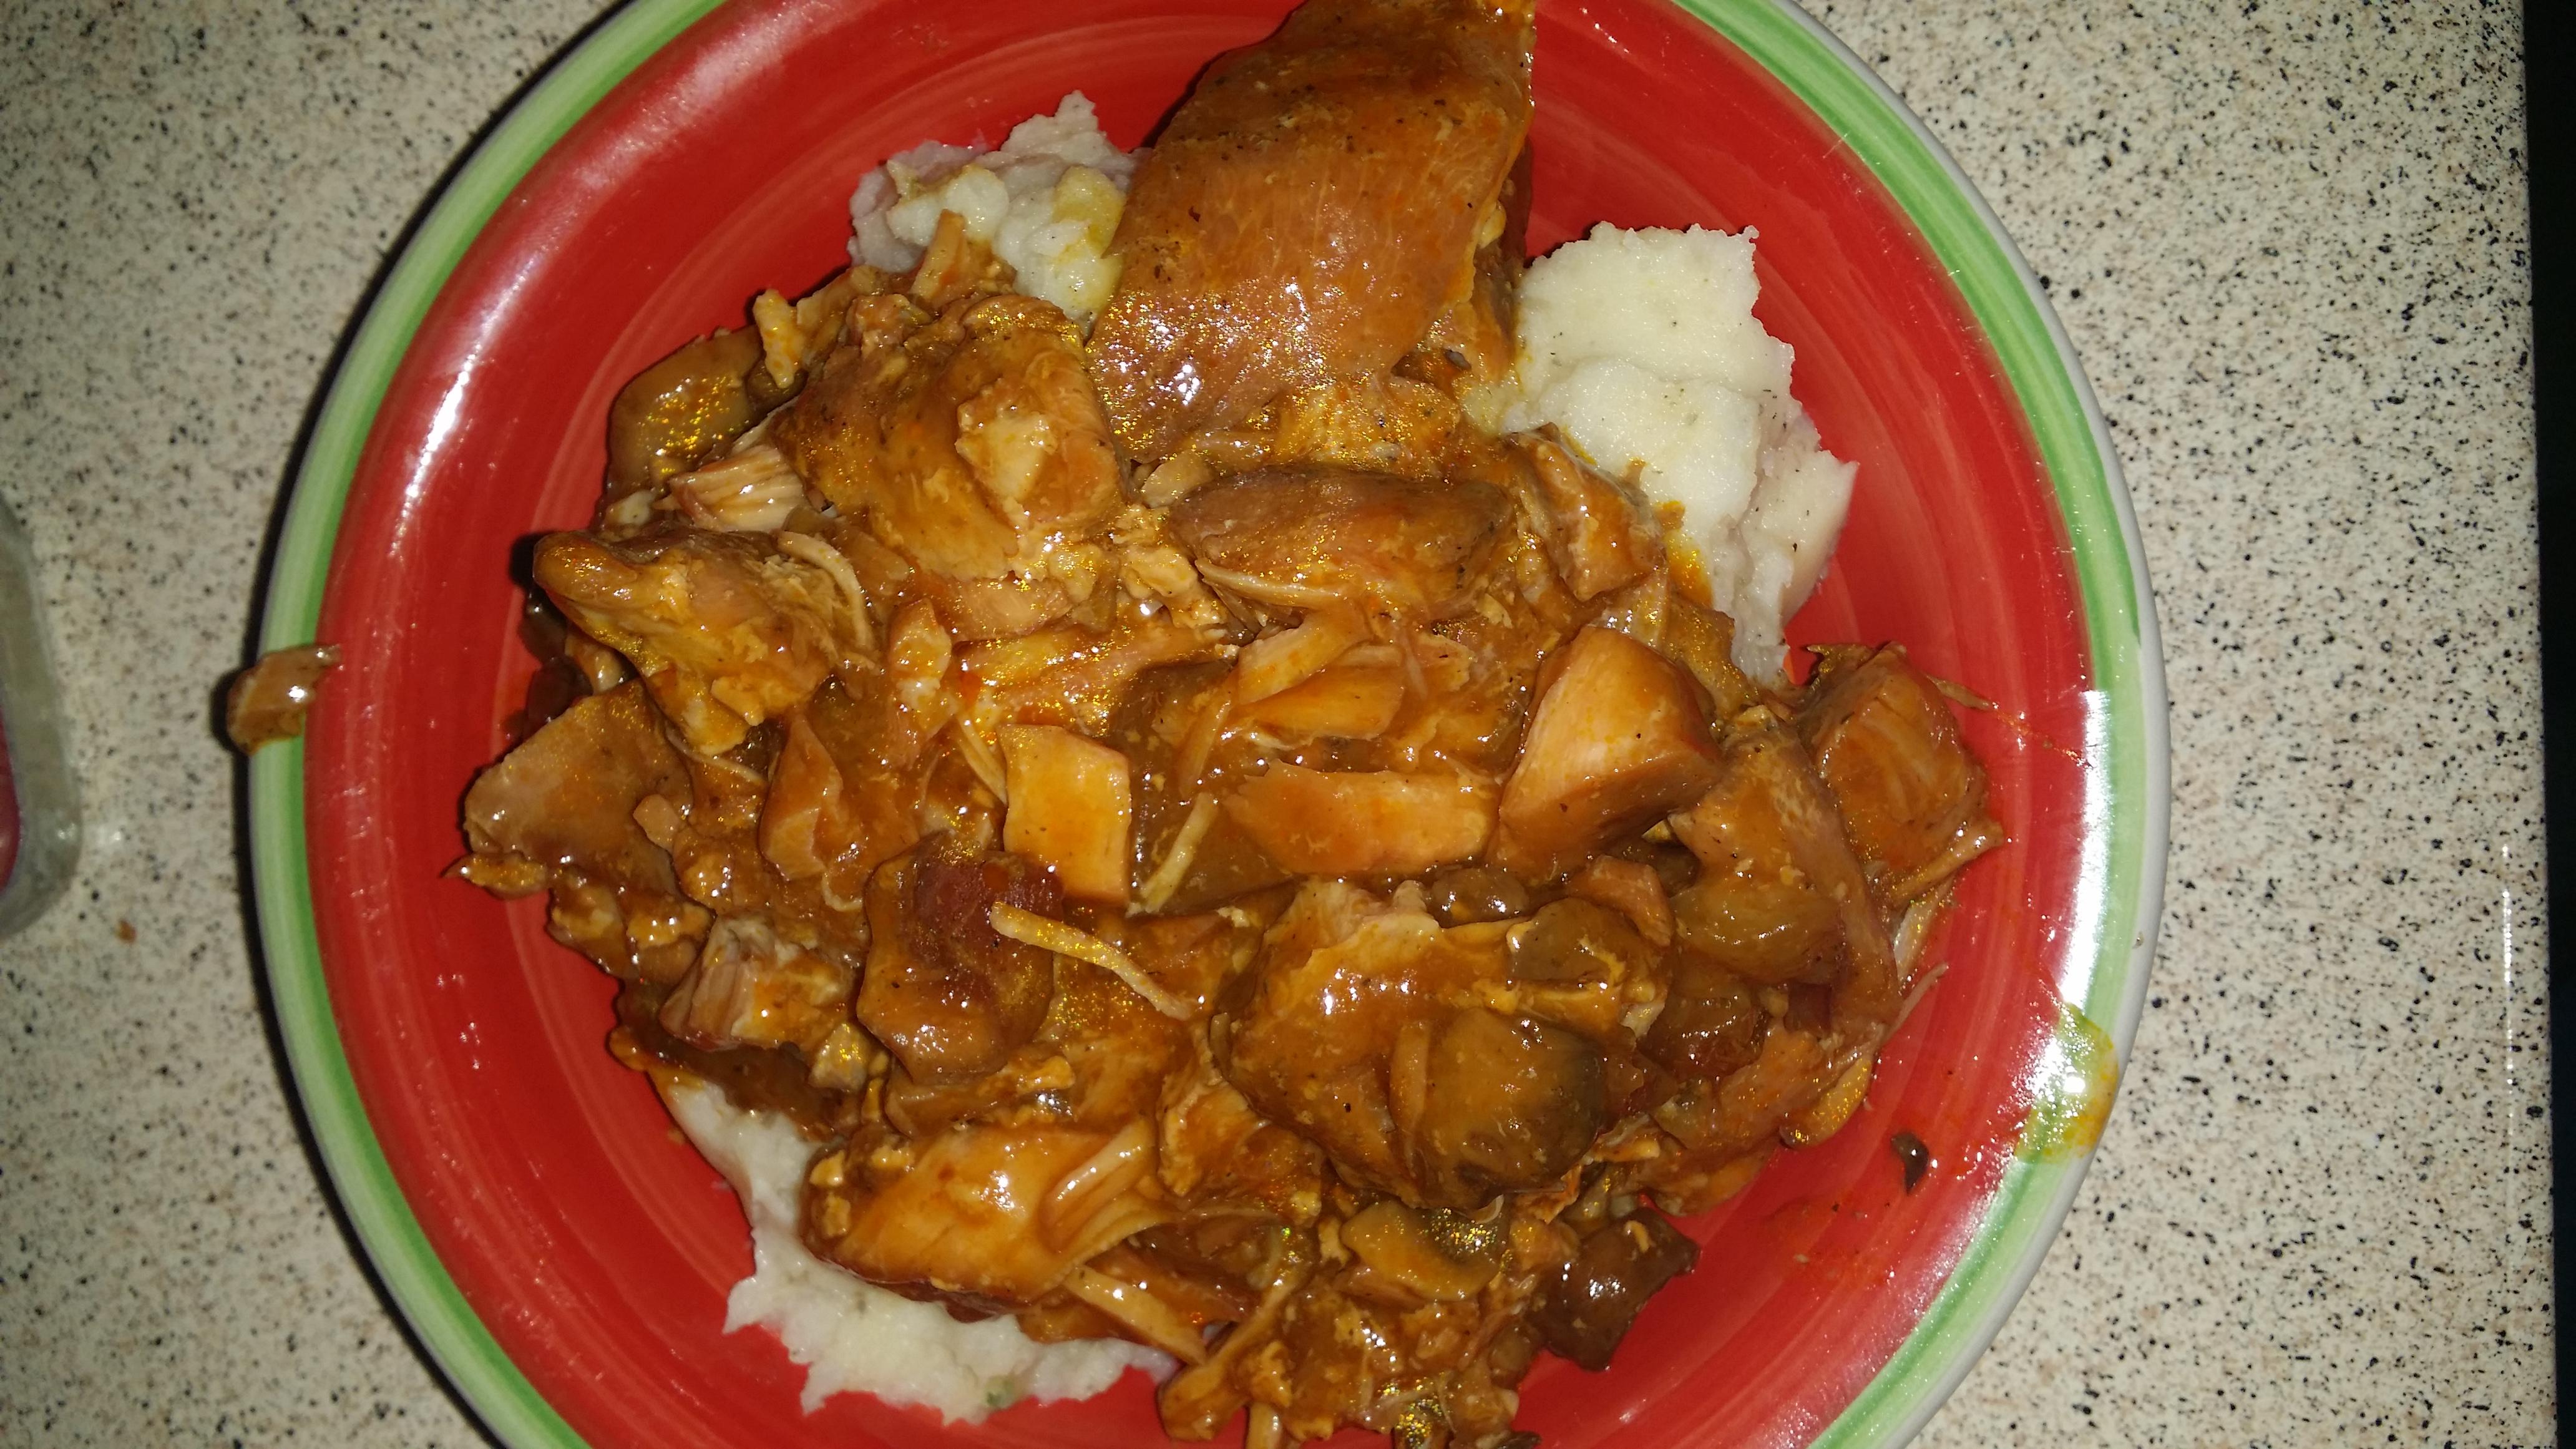 Finished Smothered Pork Chops